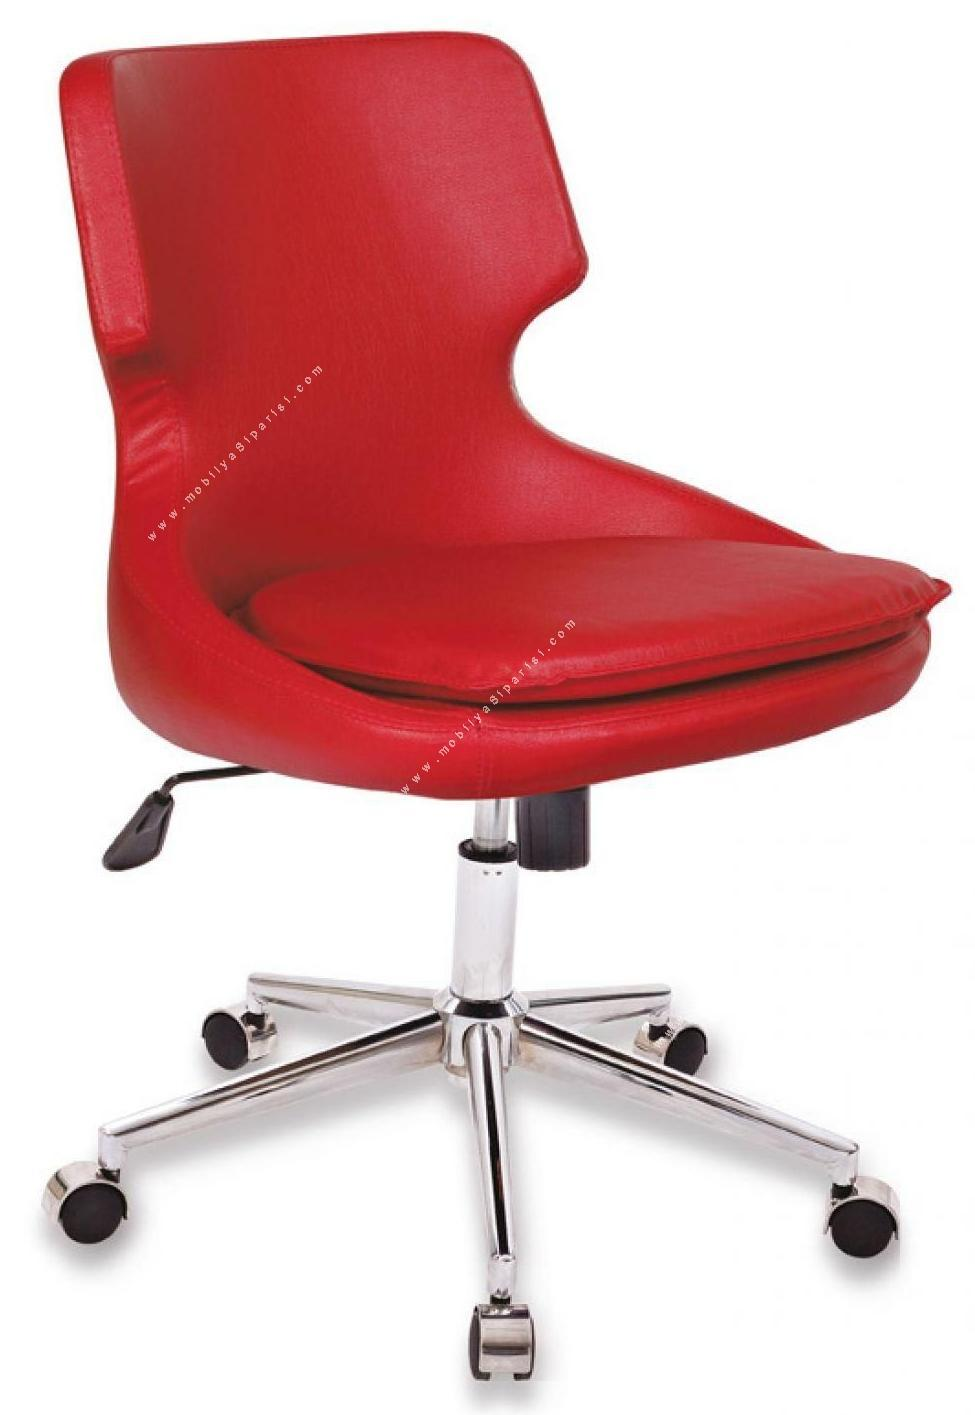 zola toplantı koltuğu